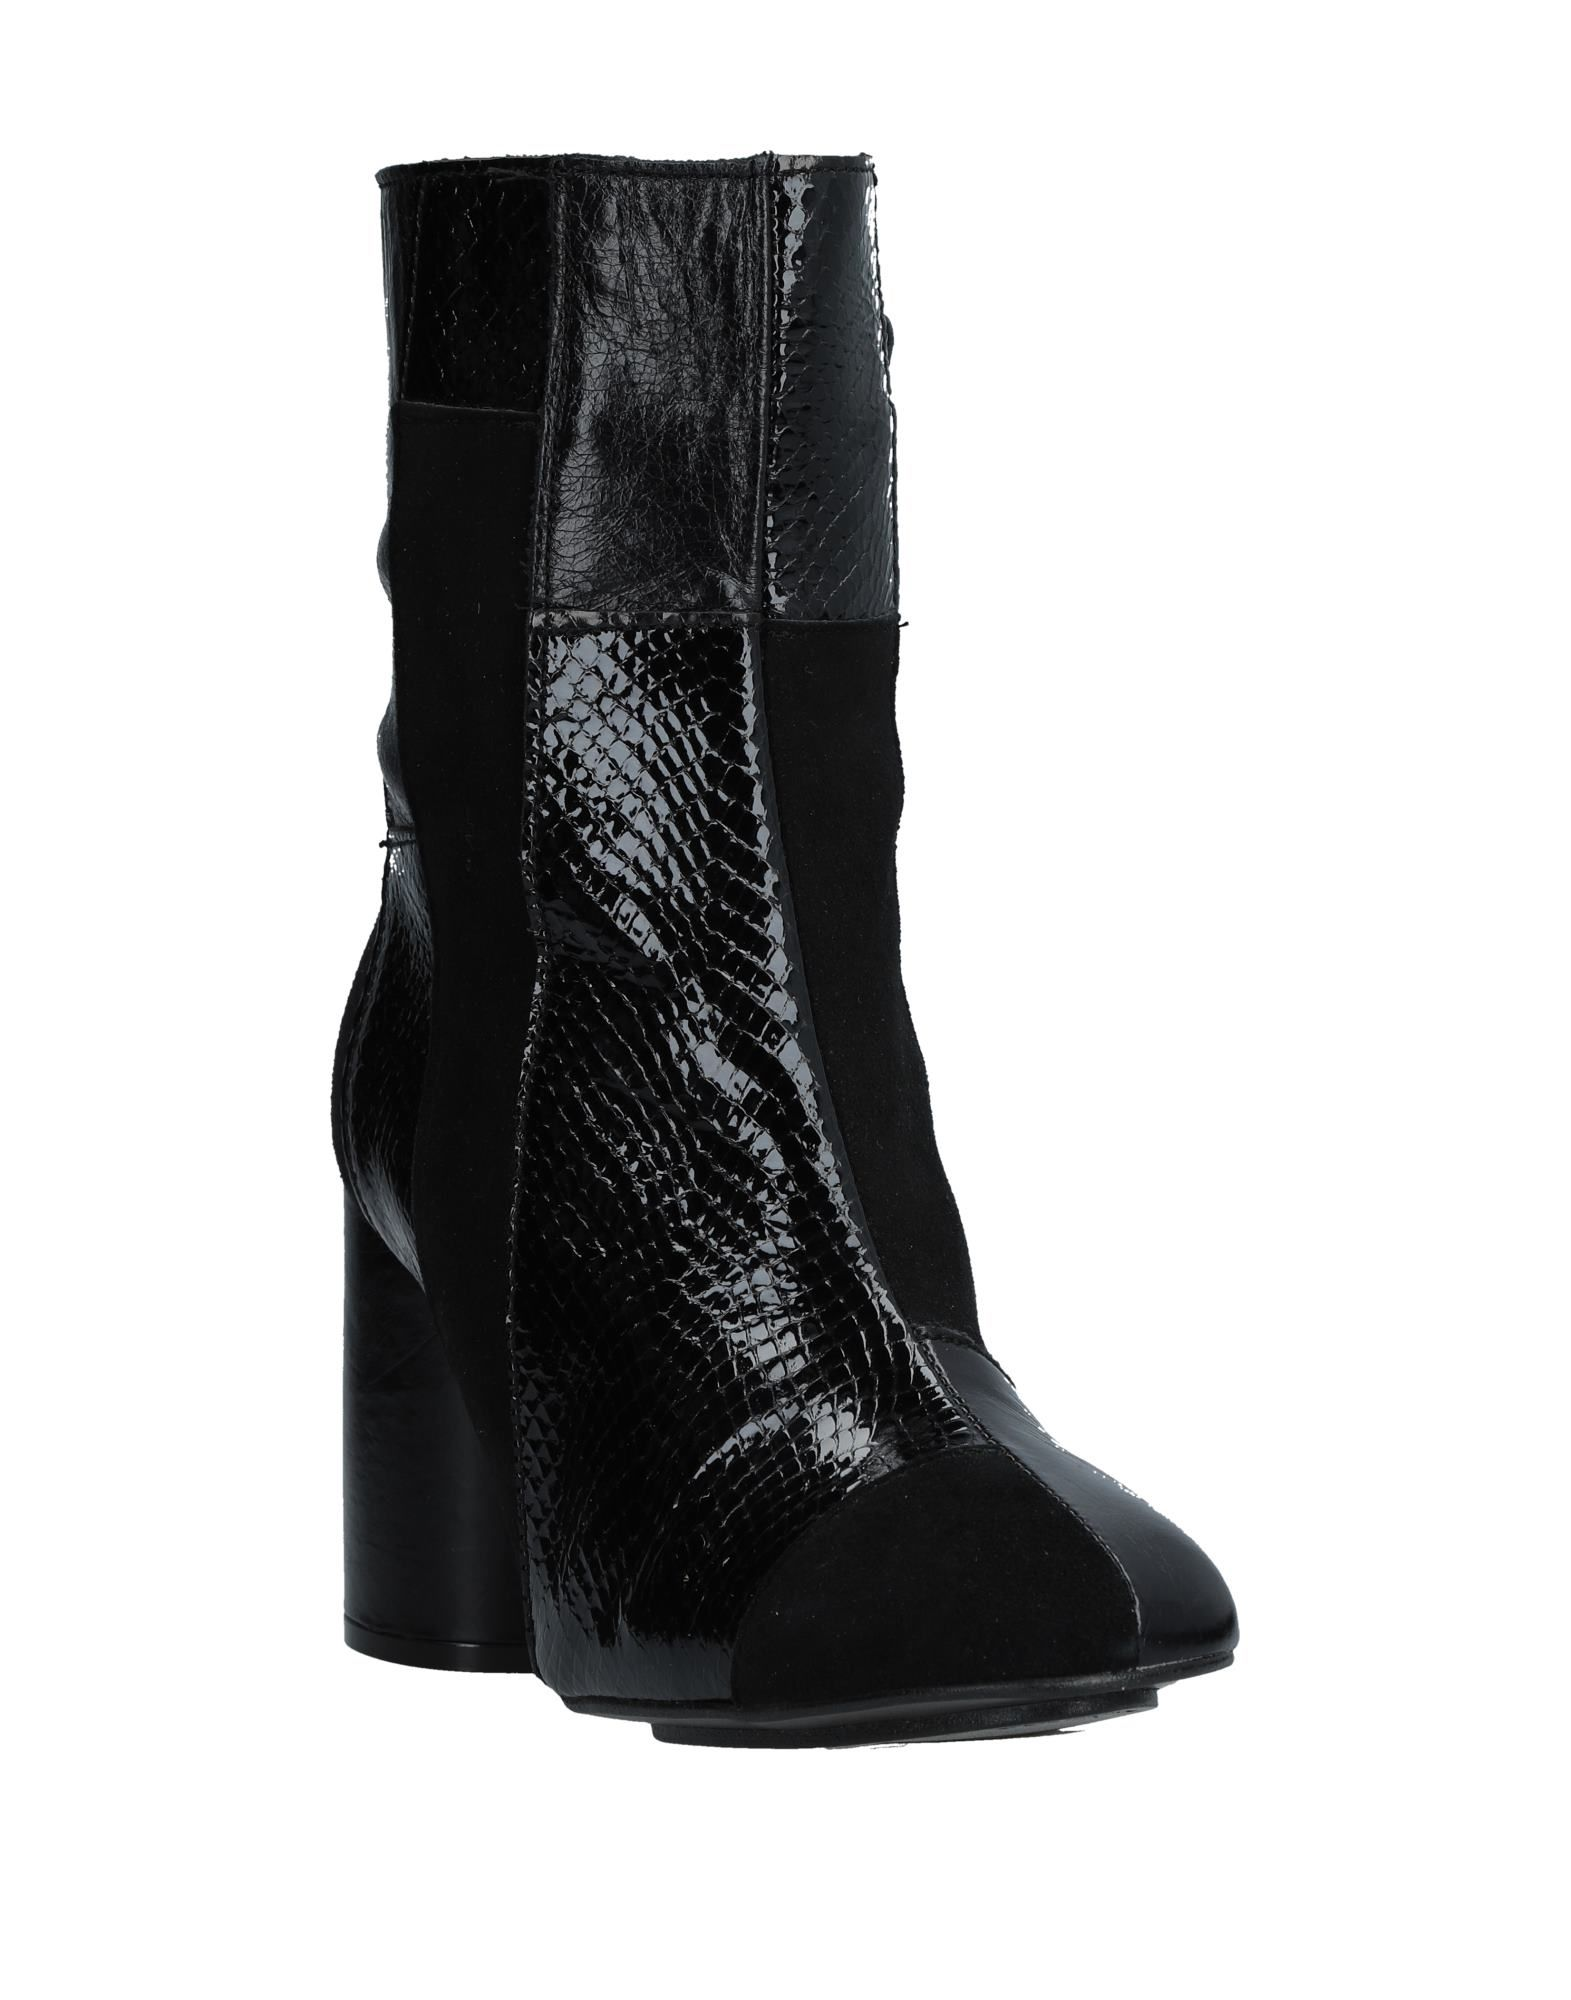 Stilvolle billige Stiefelette Schuhe Topshop Stiefelette billige Damen 11528952LD d06819